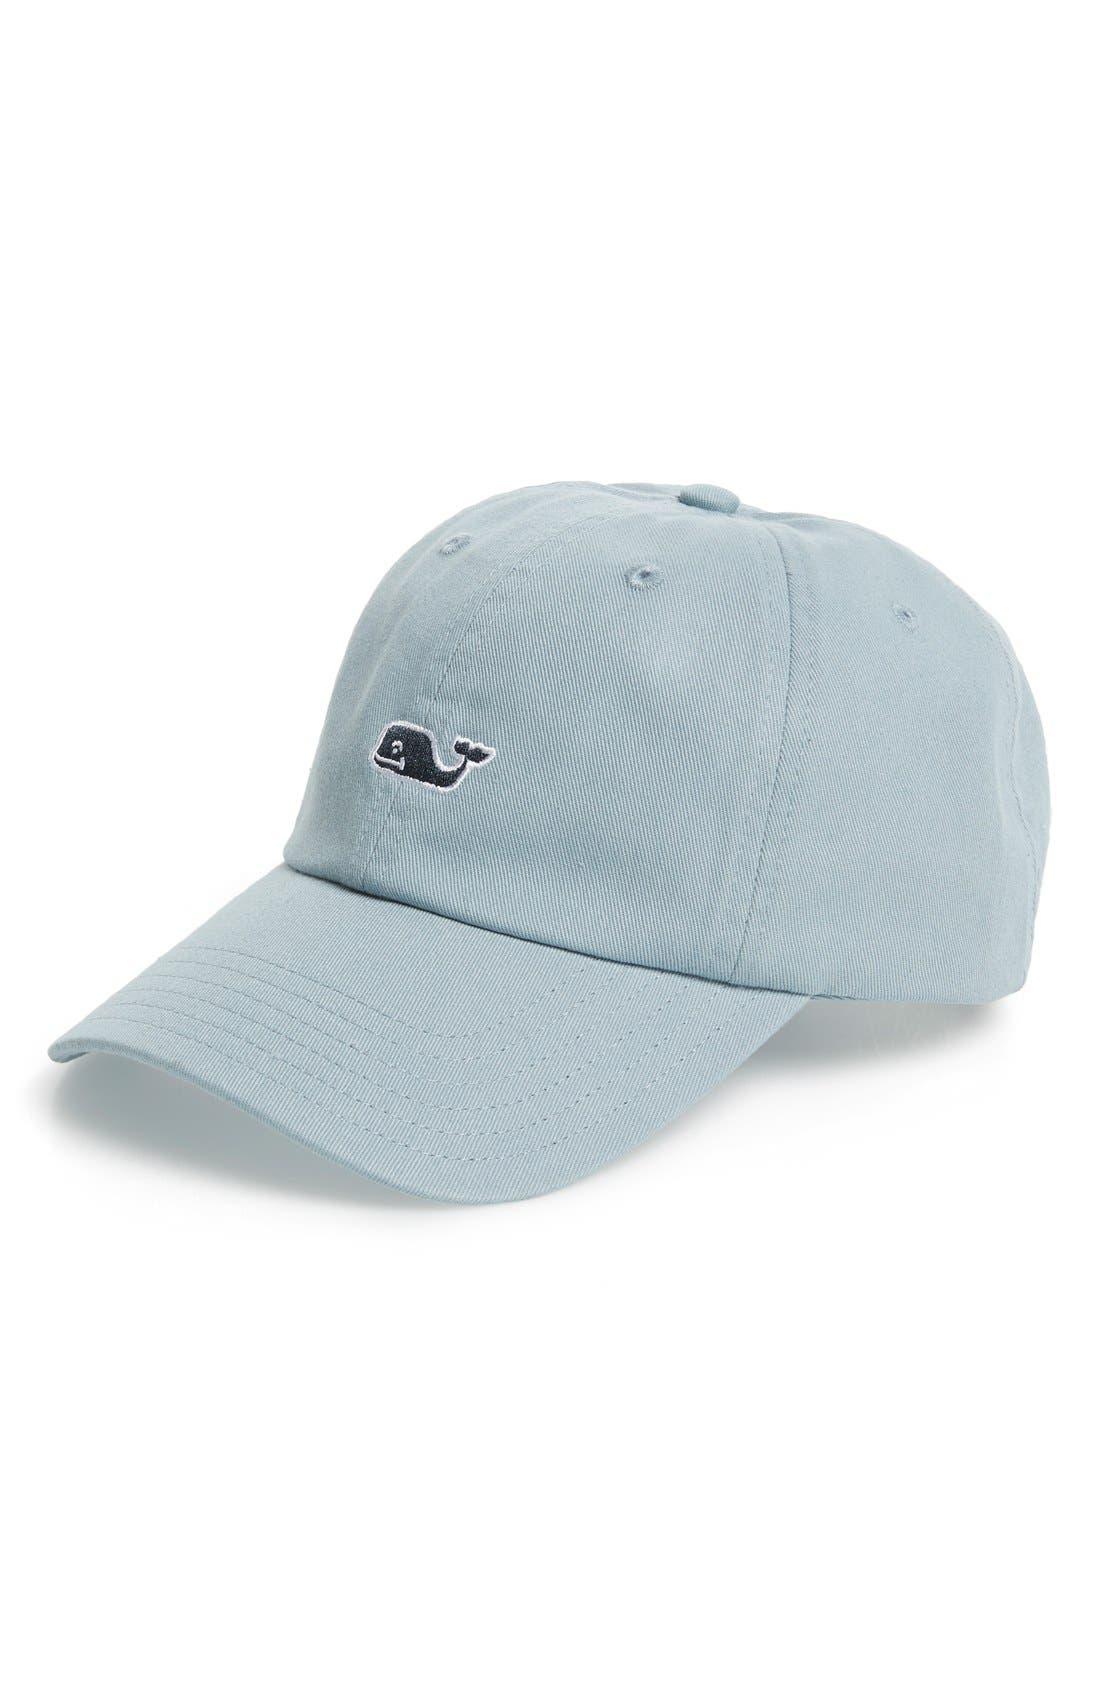 VINEYARD VINES Whale Logo Cap, Main, color, 034